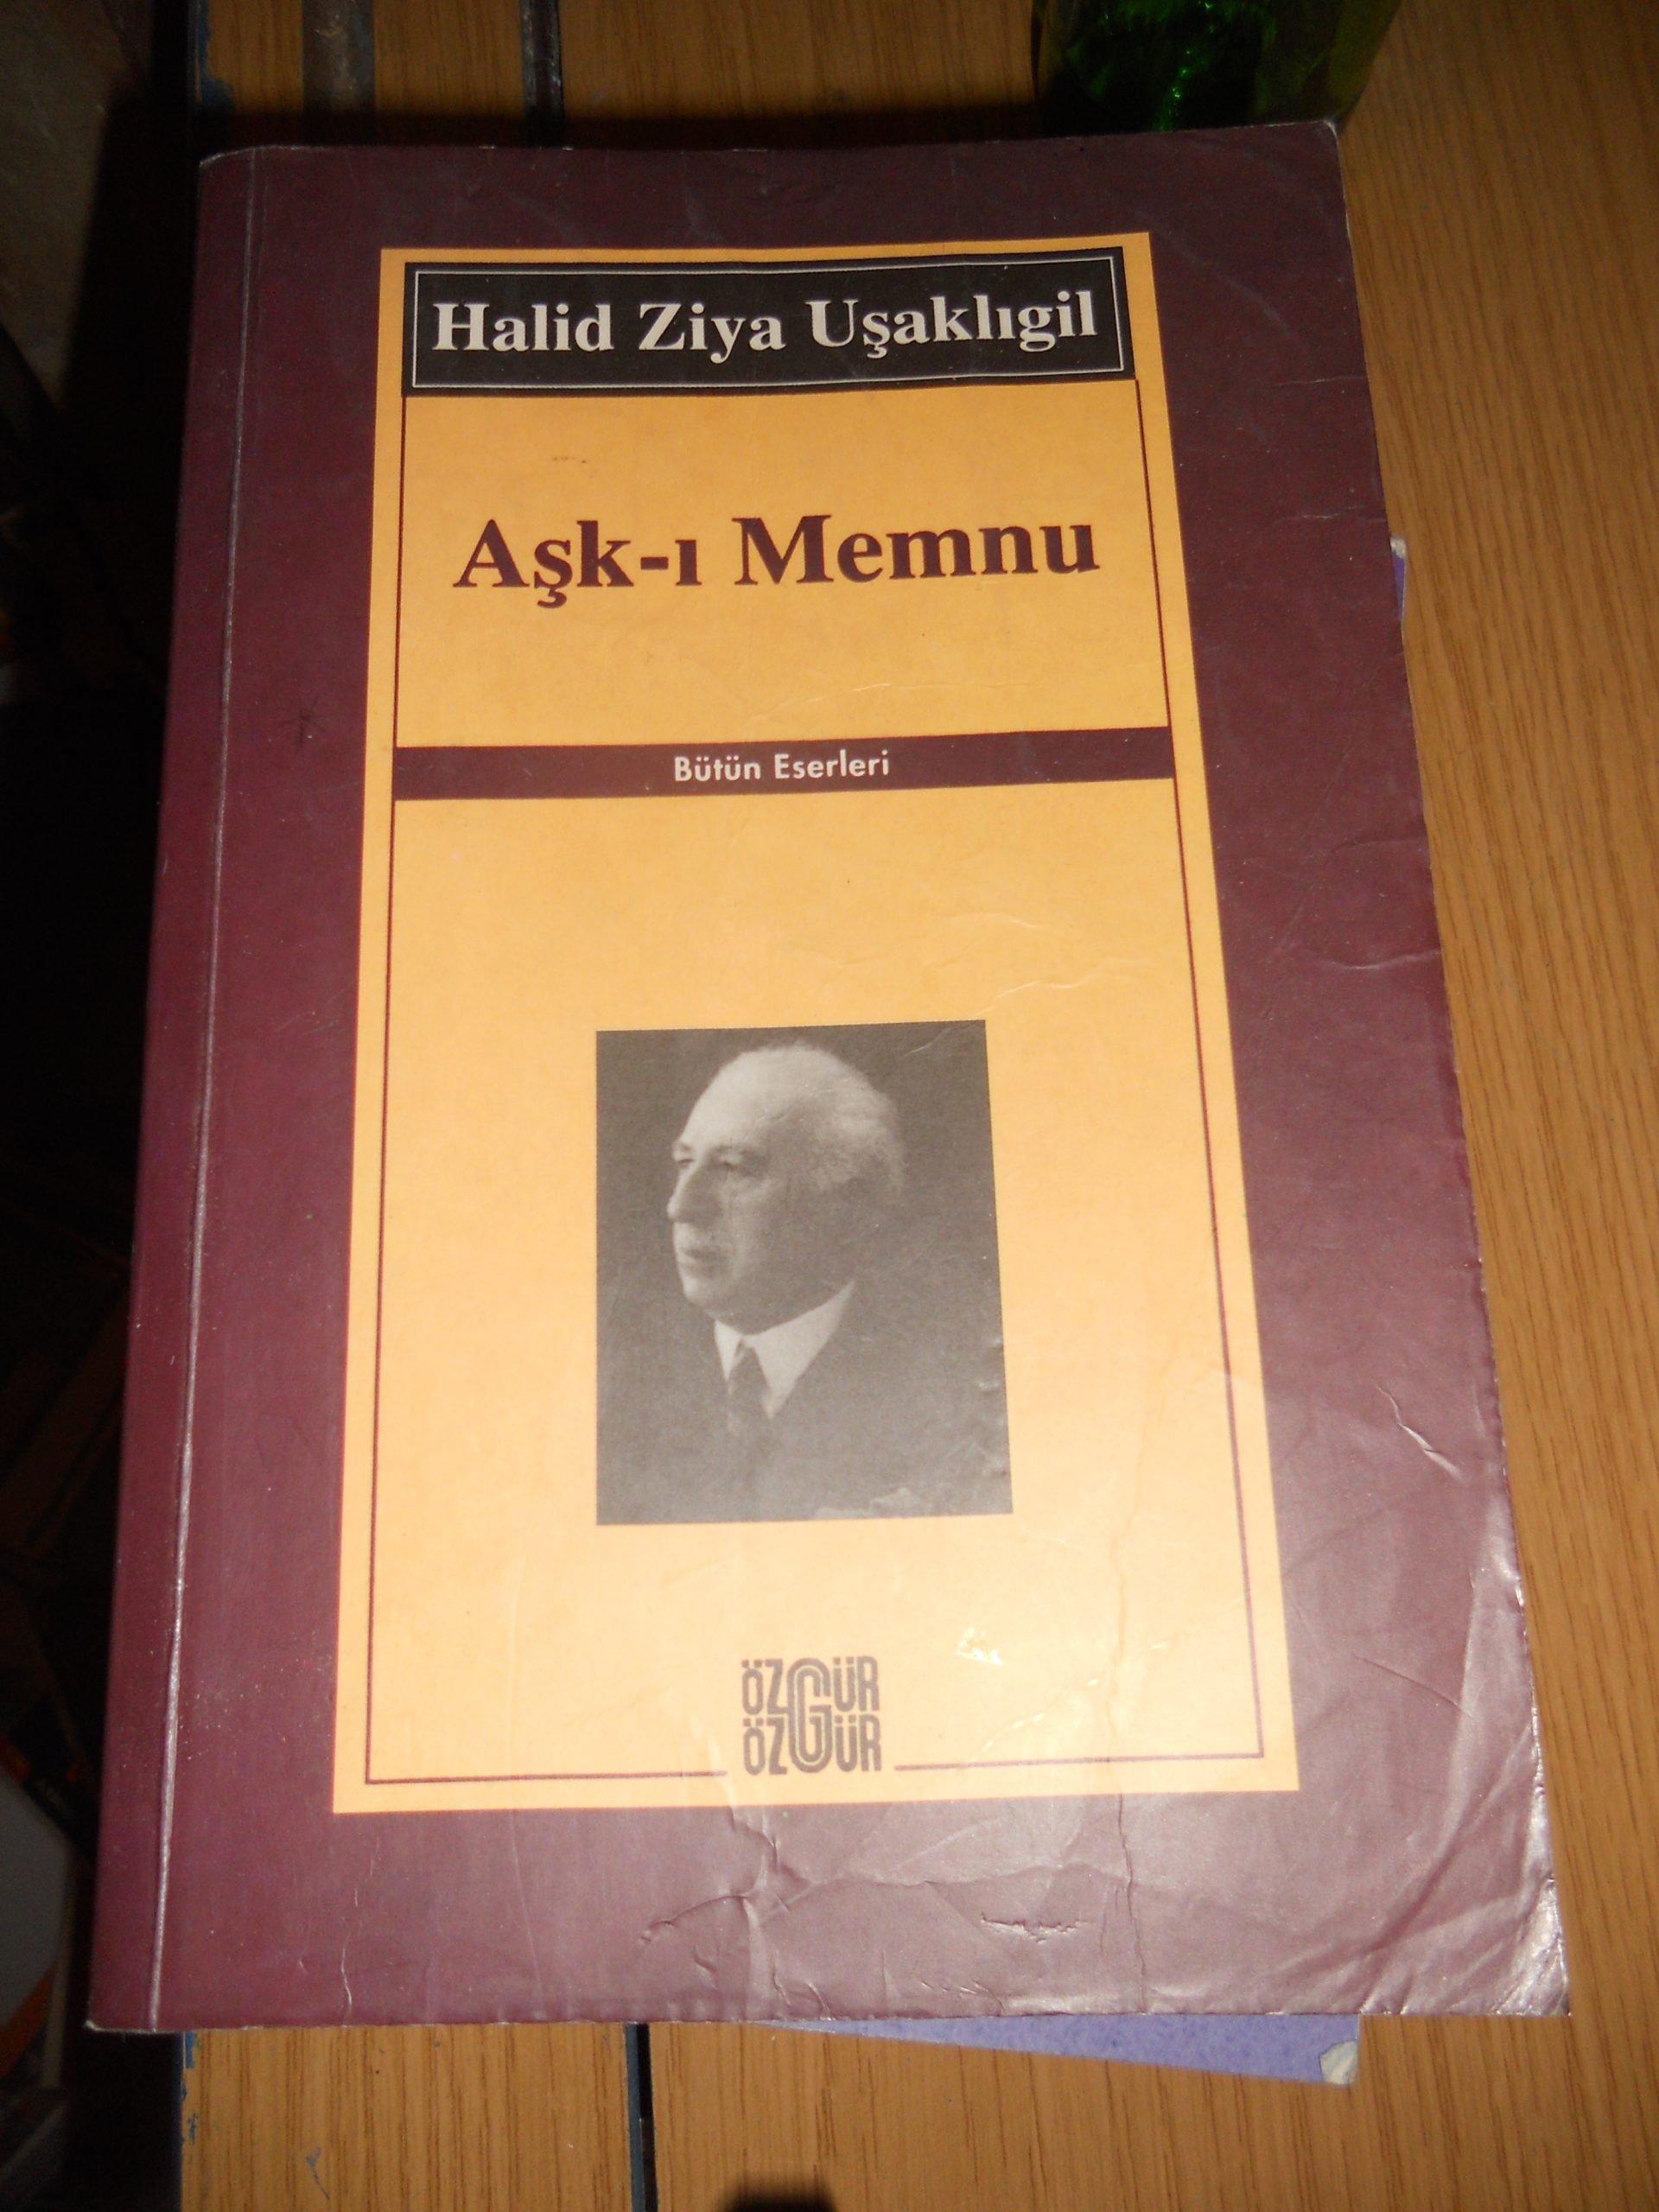 AŞK-I MEMNU / Halid Ziya Uşaklıgil/15 TL